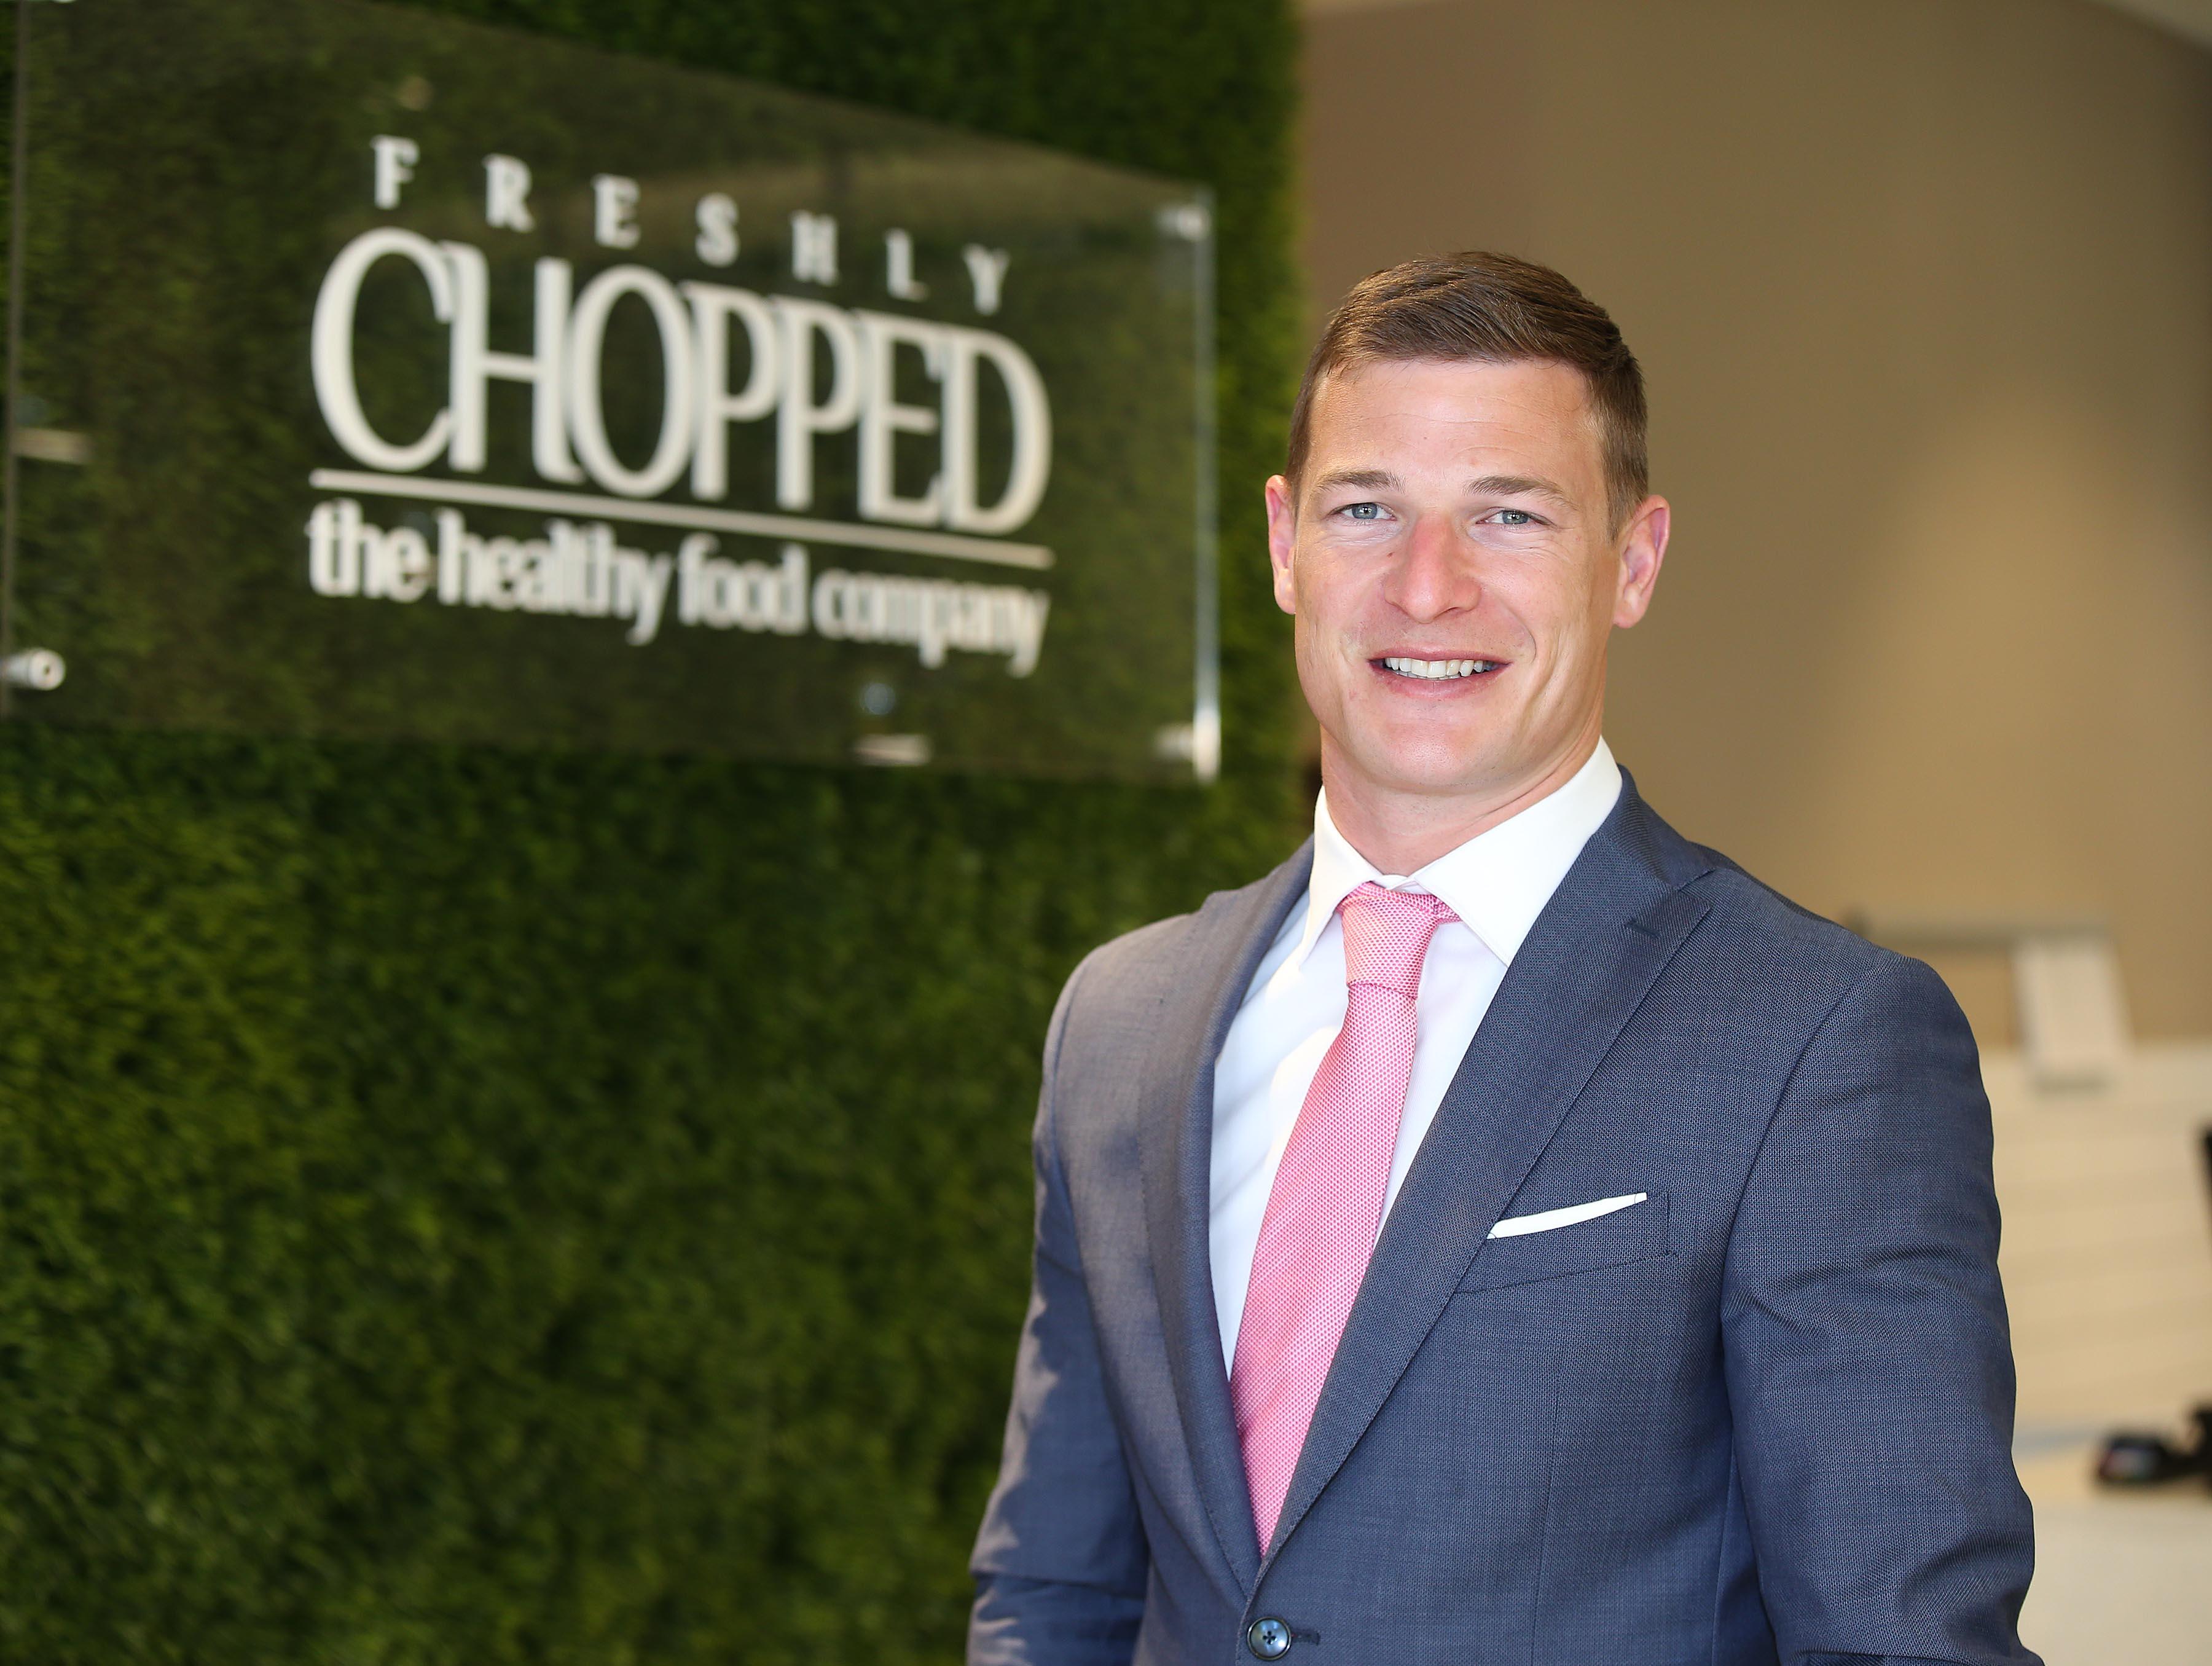 Brian-Lee-of-Freshly-Chopped.jpg